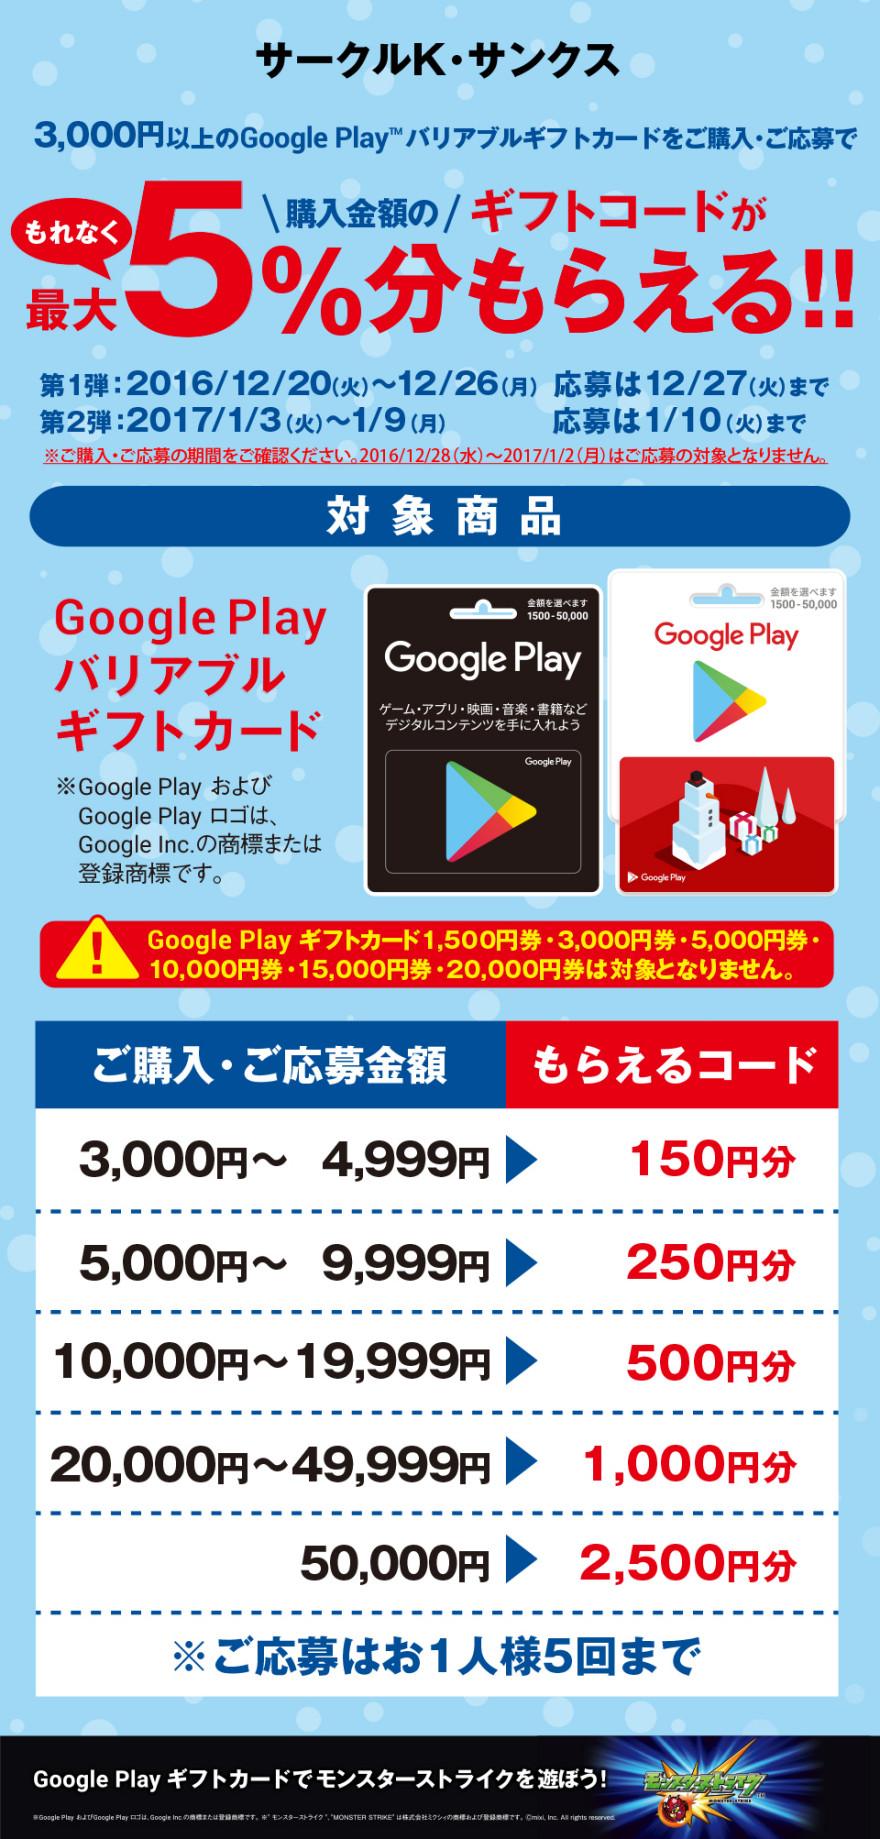 サークルK・サンクス Google Play ギフトコードキャンペーン!お知らせ